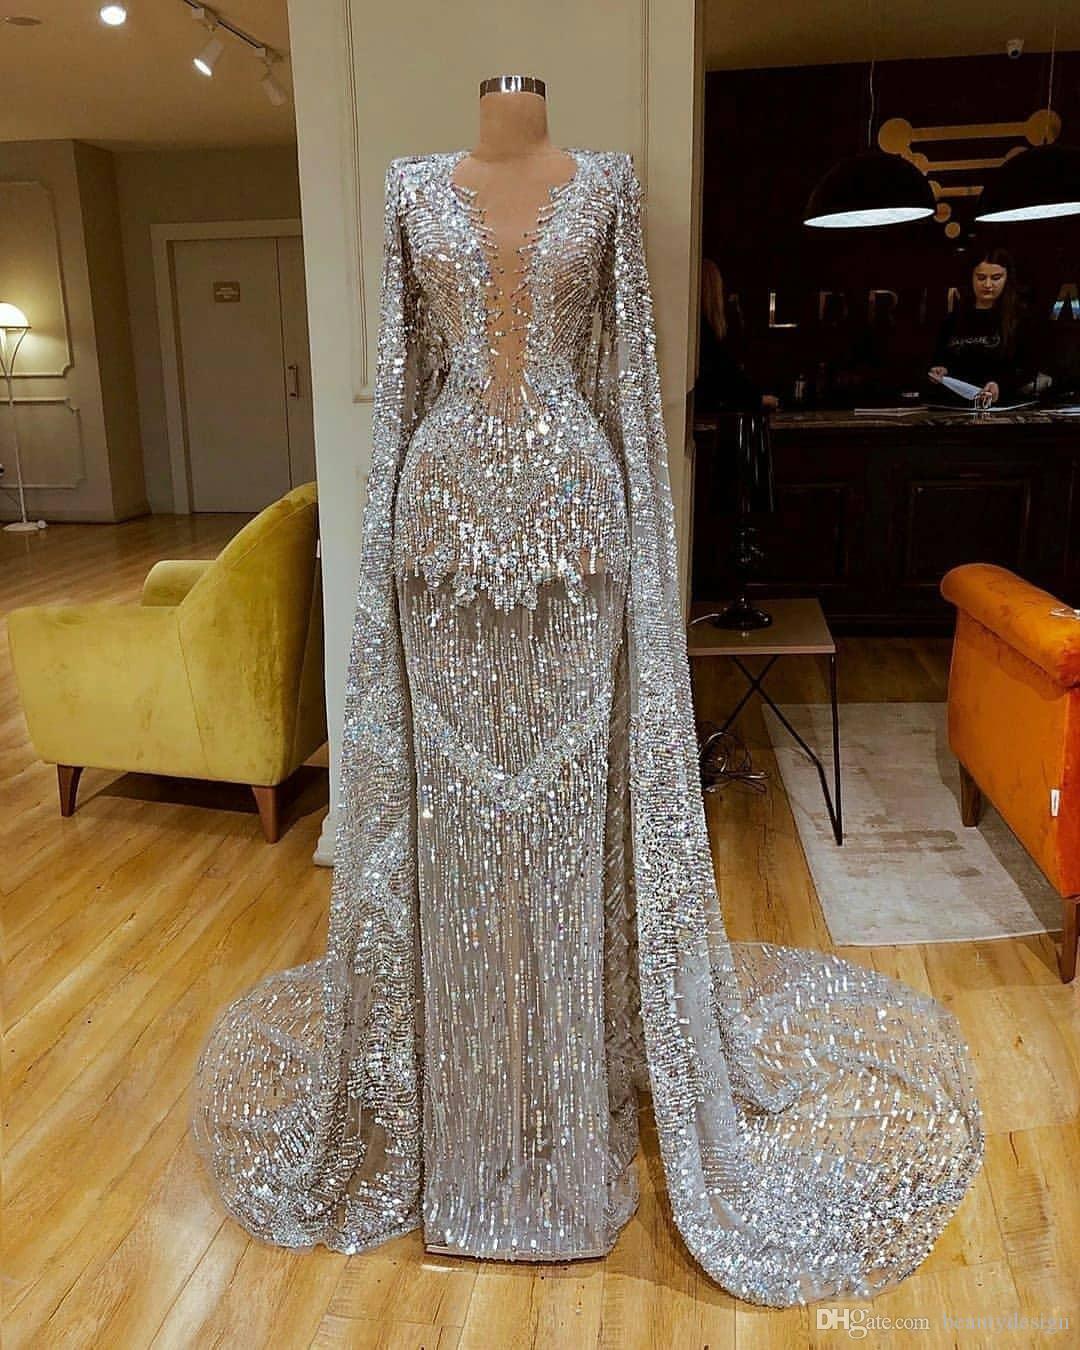 Sparkly Полный Sequined Длинные рукава Русалка Вечерние платья с Платки Luxury Silver Sequined Пром платье Формальная партии Pageant платье